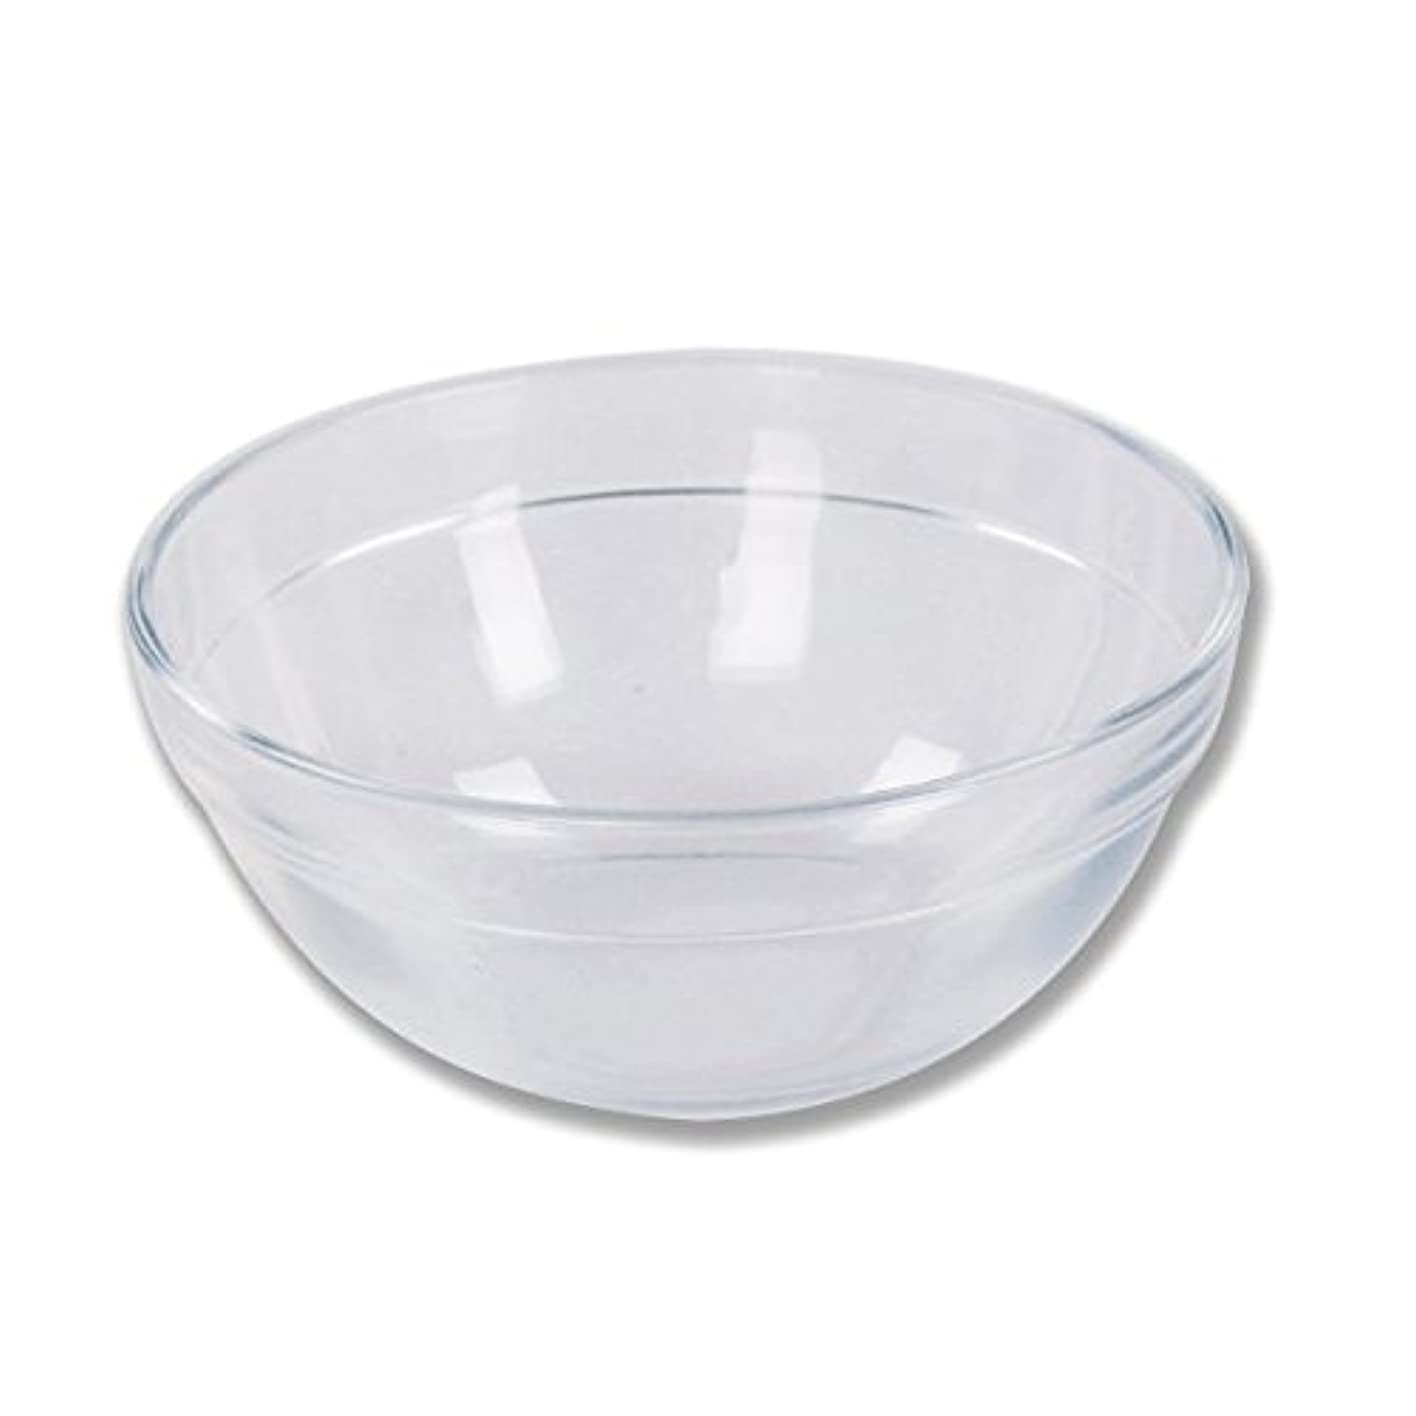 承認アクセサリー農学ガラスボウル (XLサイズ) [ ガラスボール カップボウル カップボール エステ サロン ガラス ボウル カップ 高級感 ]